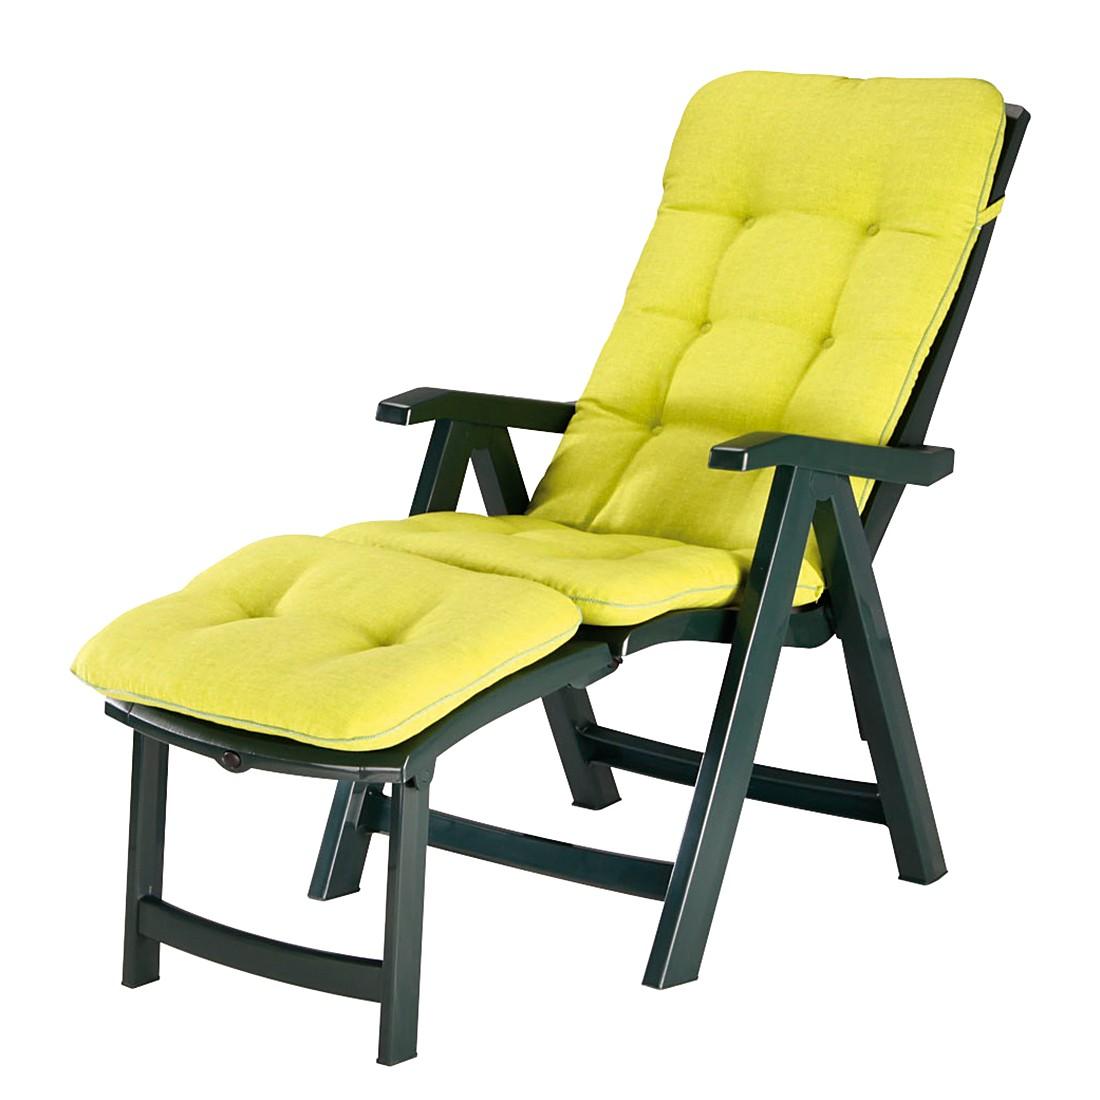 Home 24 - Chaise longue florida - matériau synthétique / tissu - vert, best freizeitmöbel